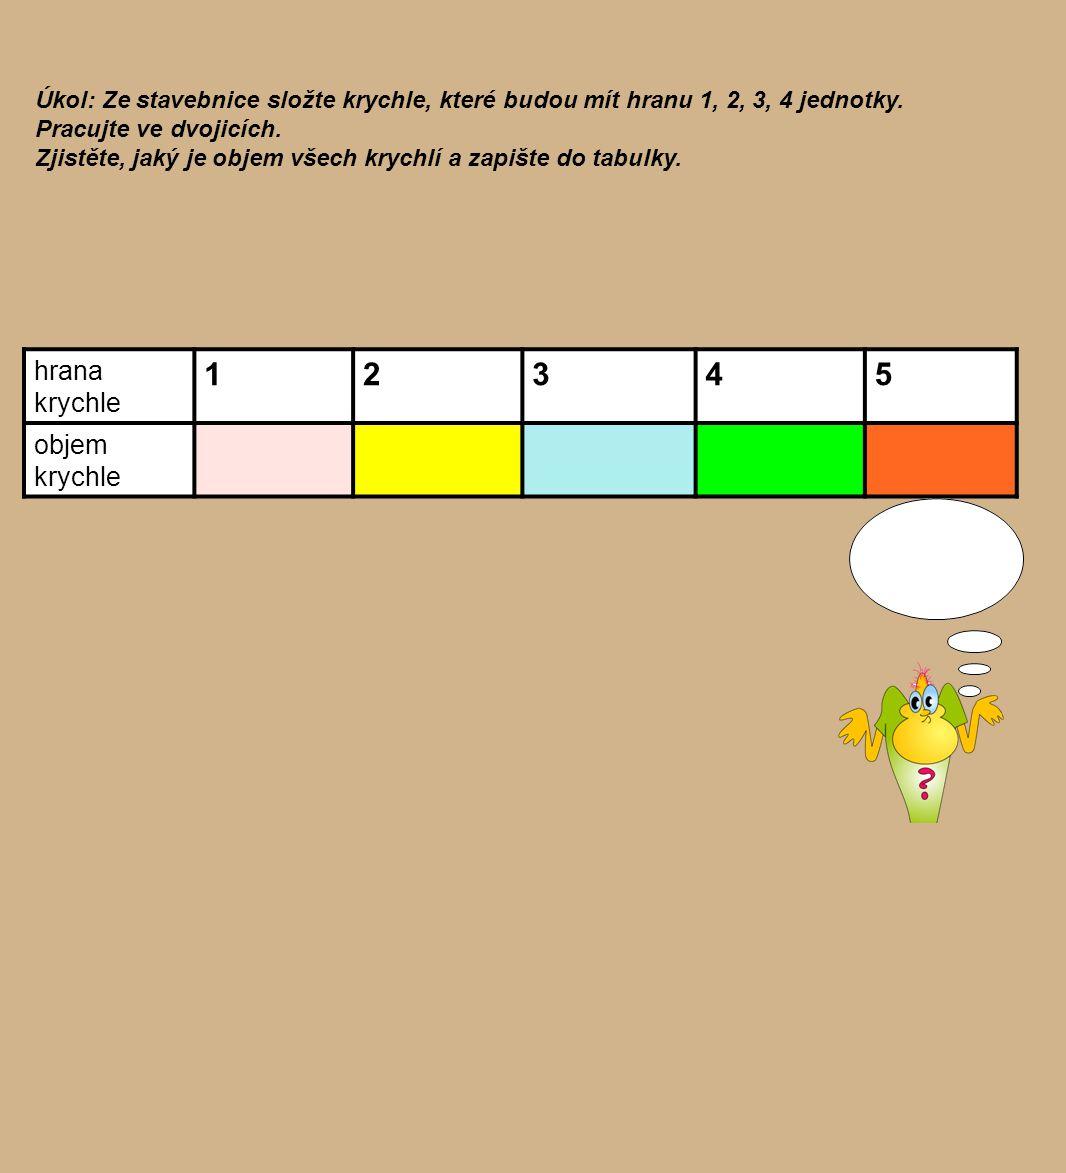 Úkol: Ze stavebnice složte krychle, které budou mít hranu 1, 2, 3, 4 jednotky. Pracujte ve dvojicích. Zjistěte, jaký je objem všech krychlí a zapište